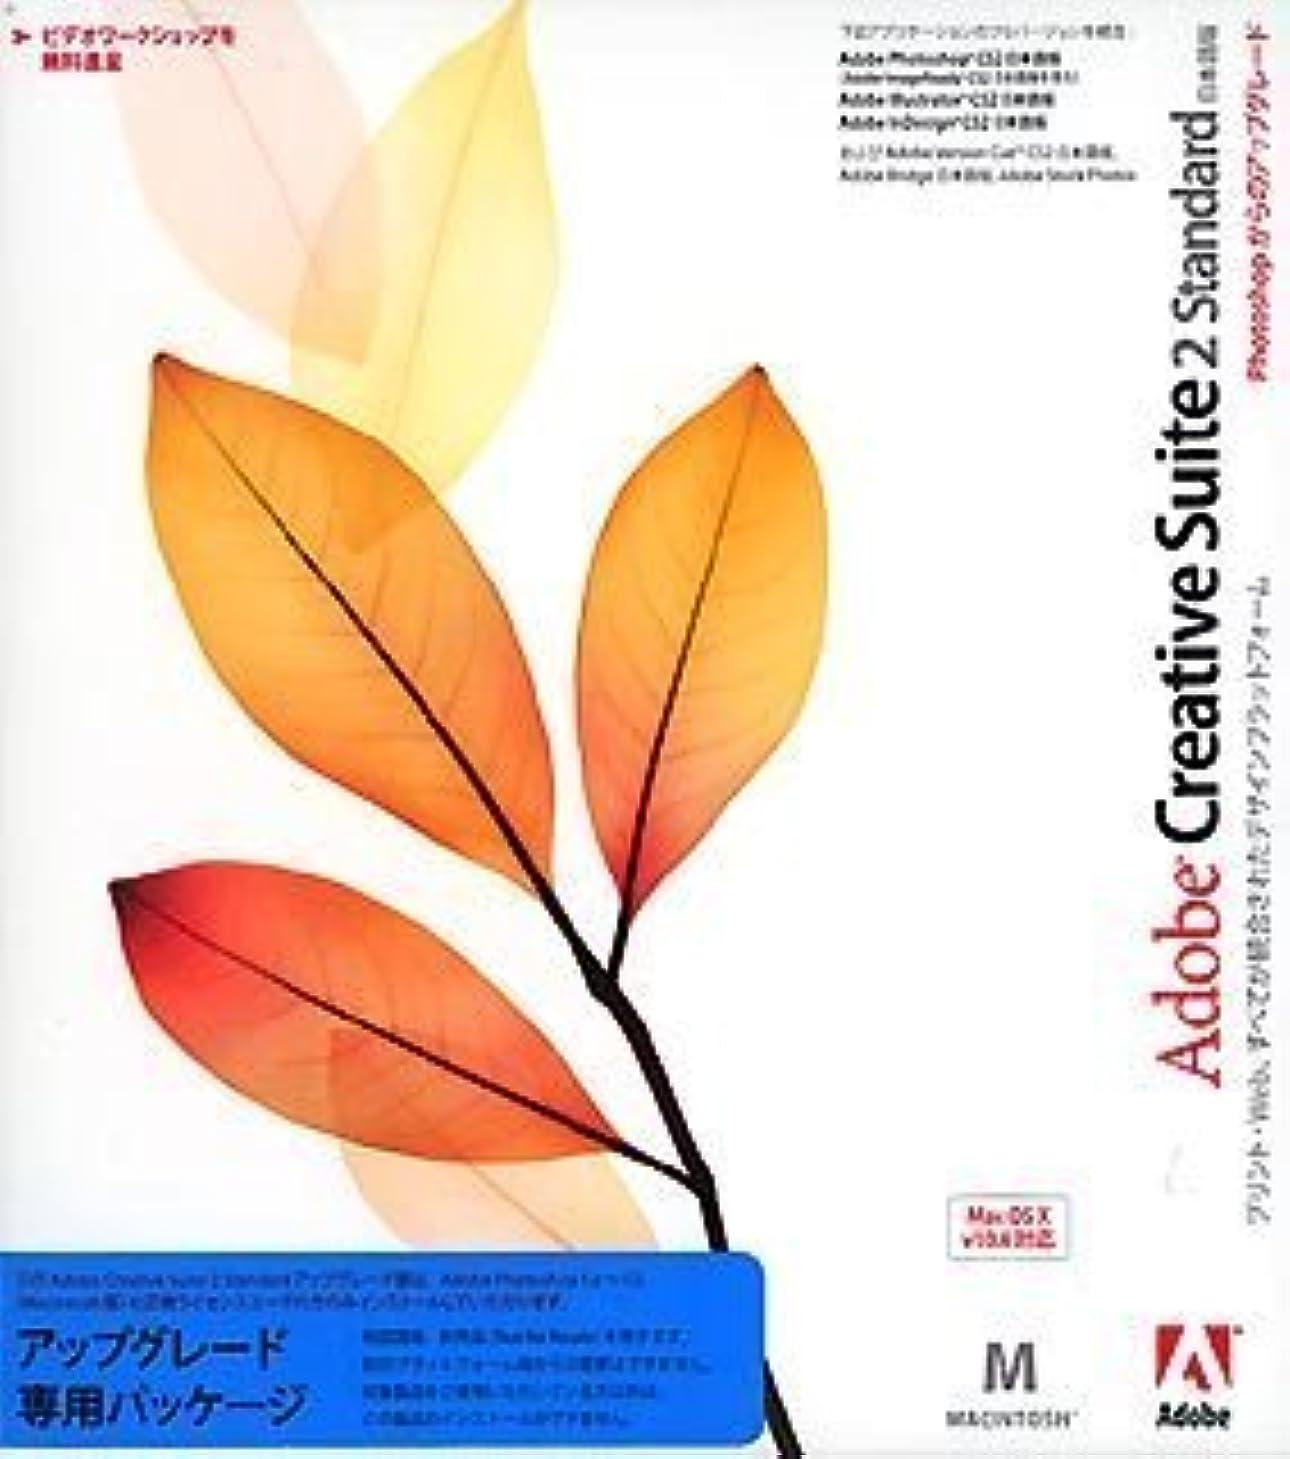 くるみ公平な包帯Adobe Creative Suite Standard 2.0 日本語版 Macintosh版 Adobe Photoshopからのアップグレード版